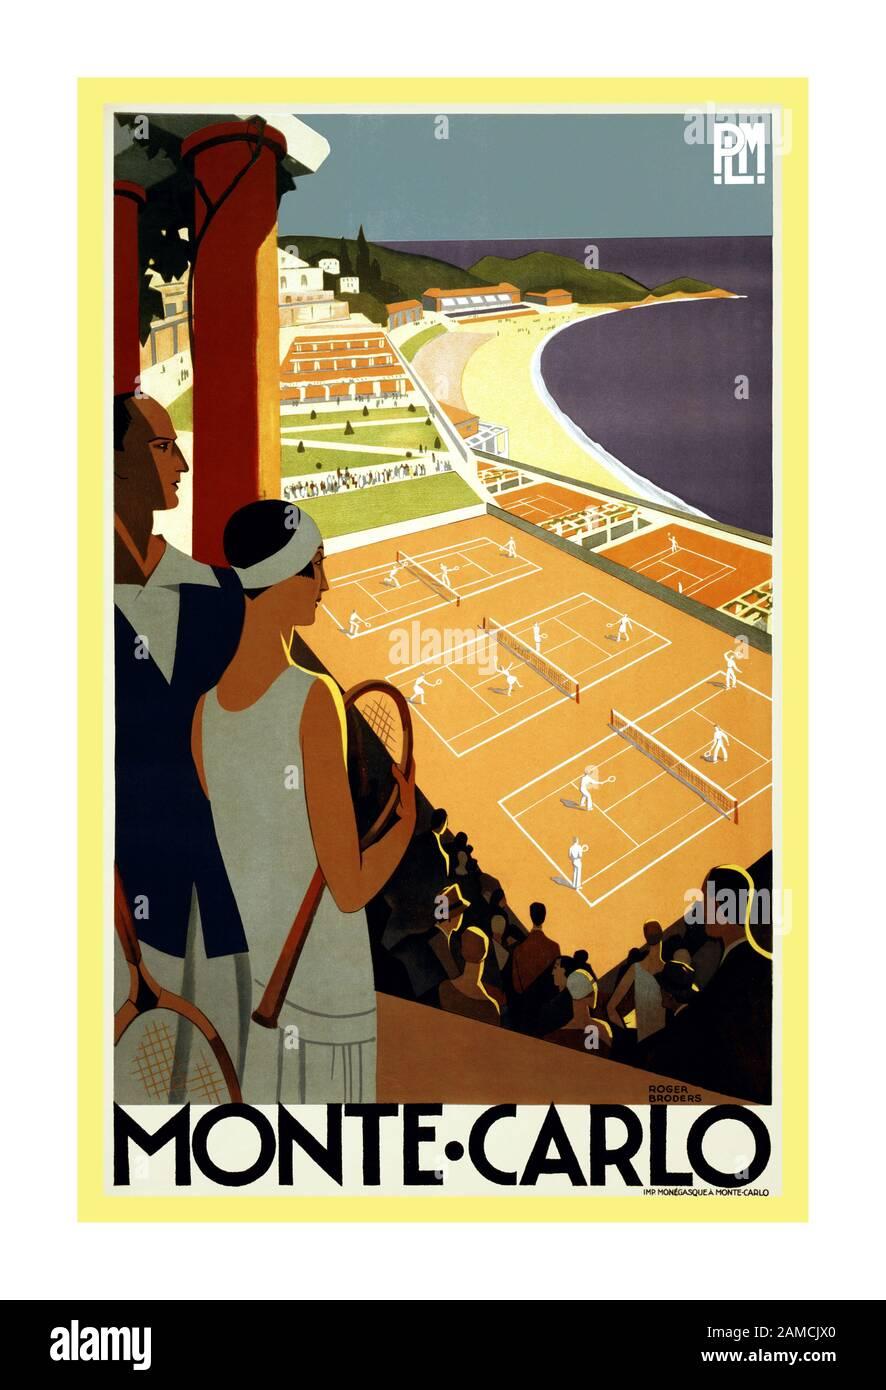 Vintage French Art Deco Travel Poster Saint Honoré-les-Bains 1920s Tennis Print